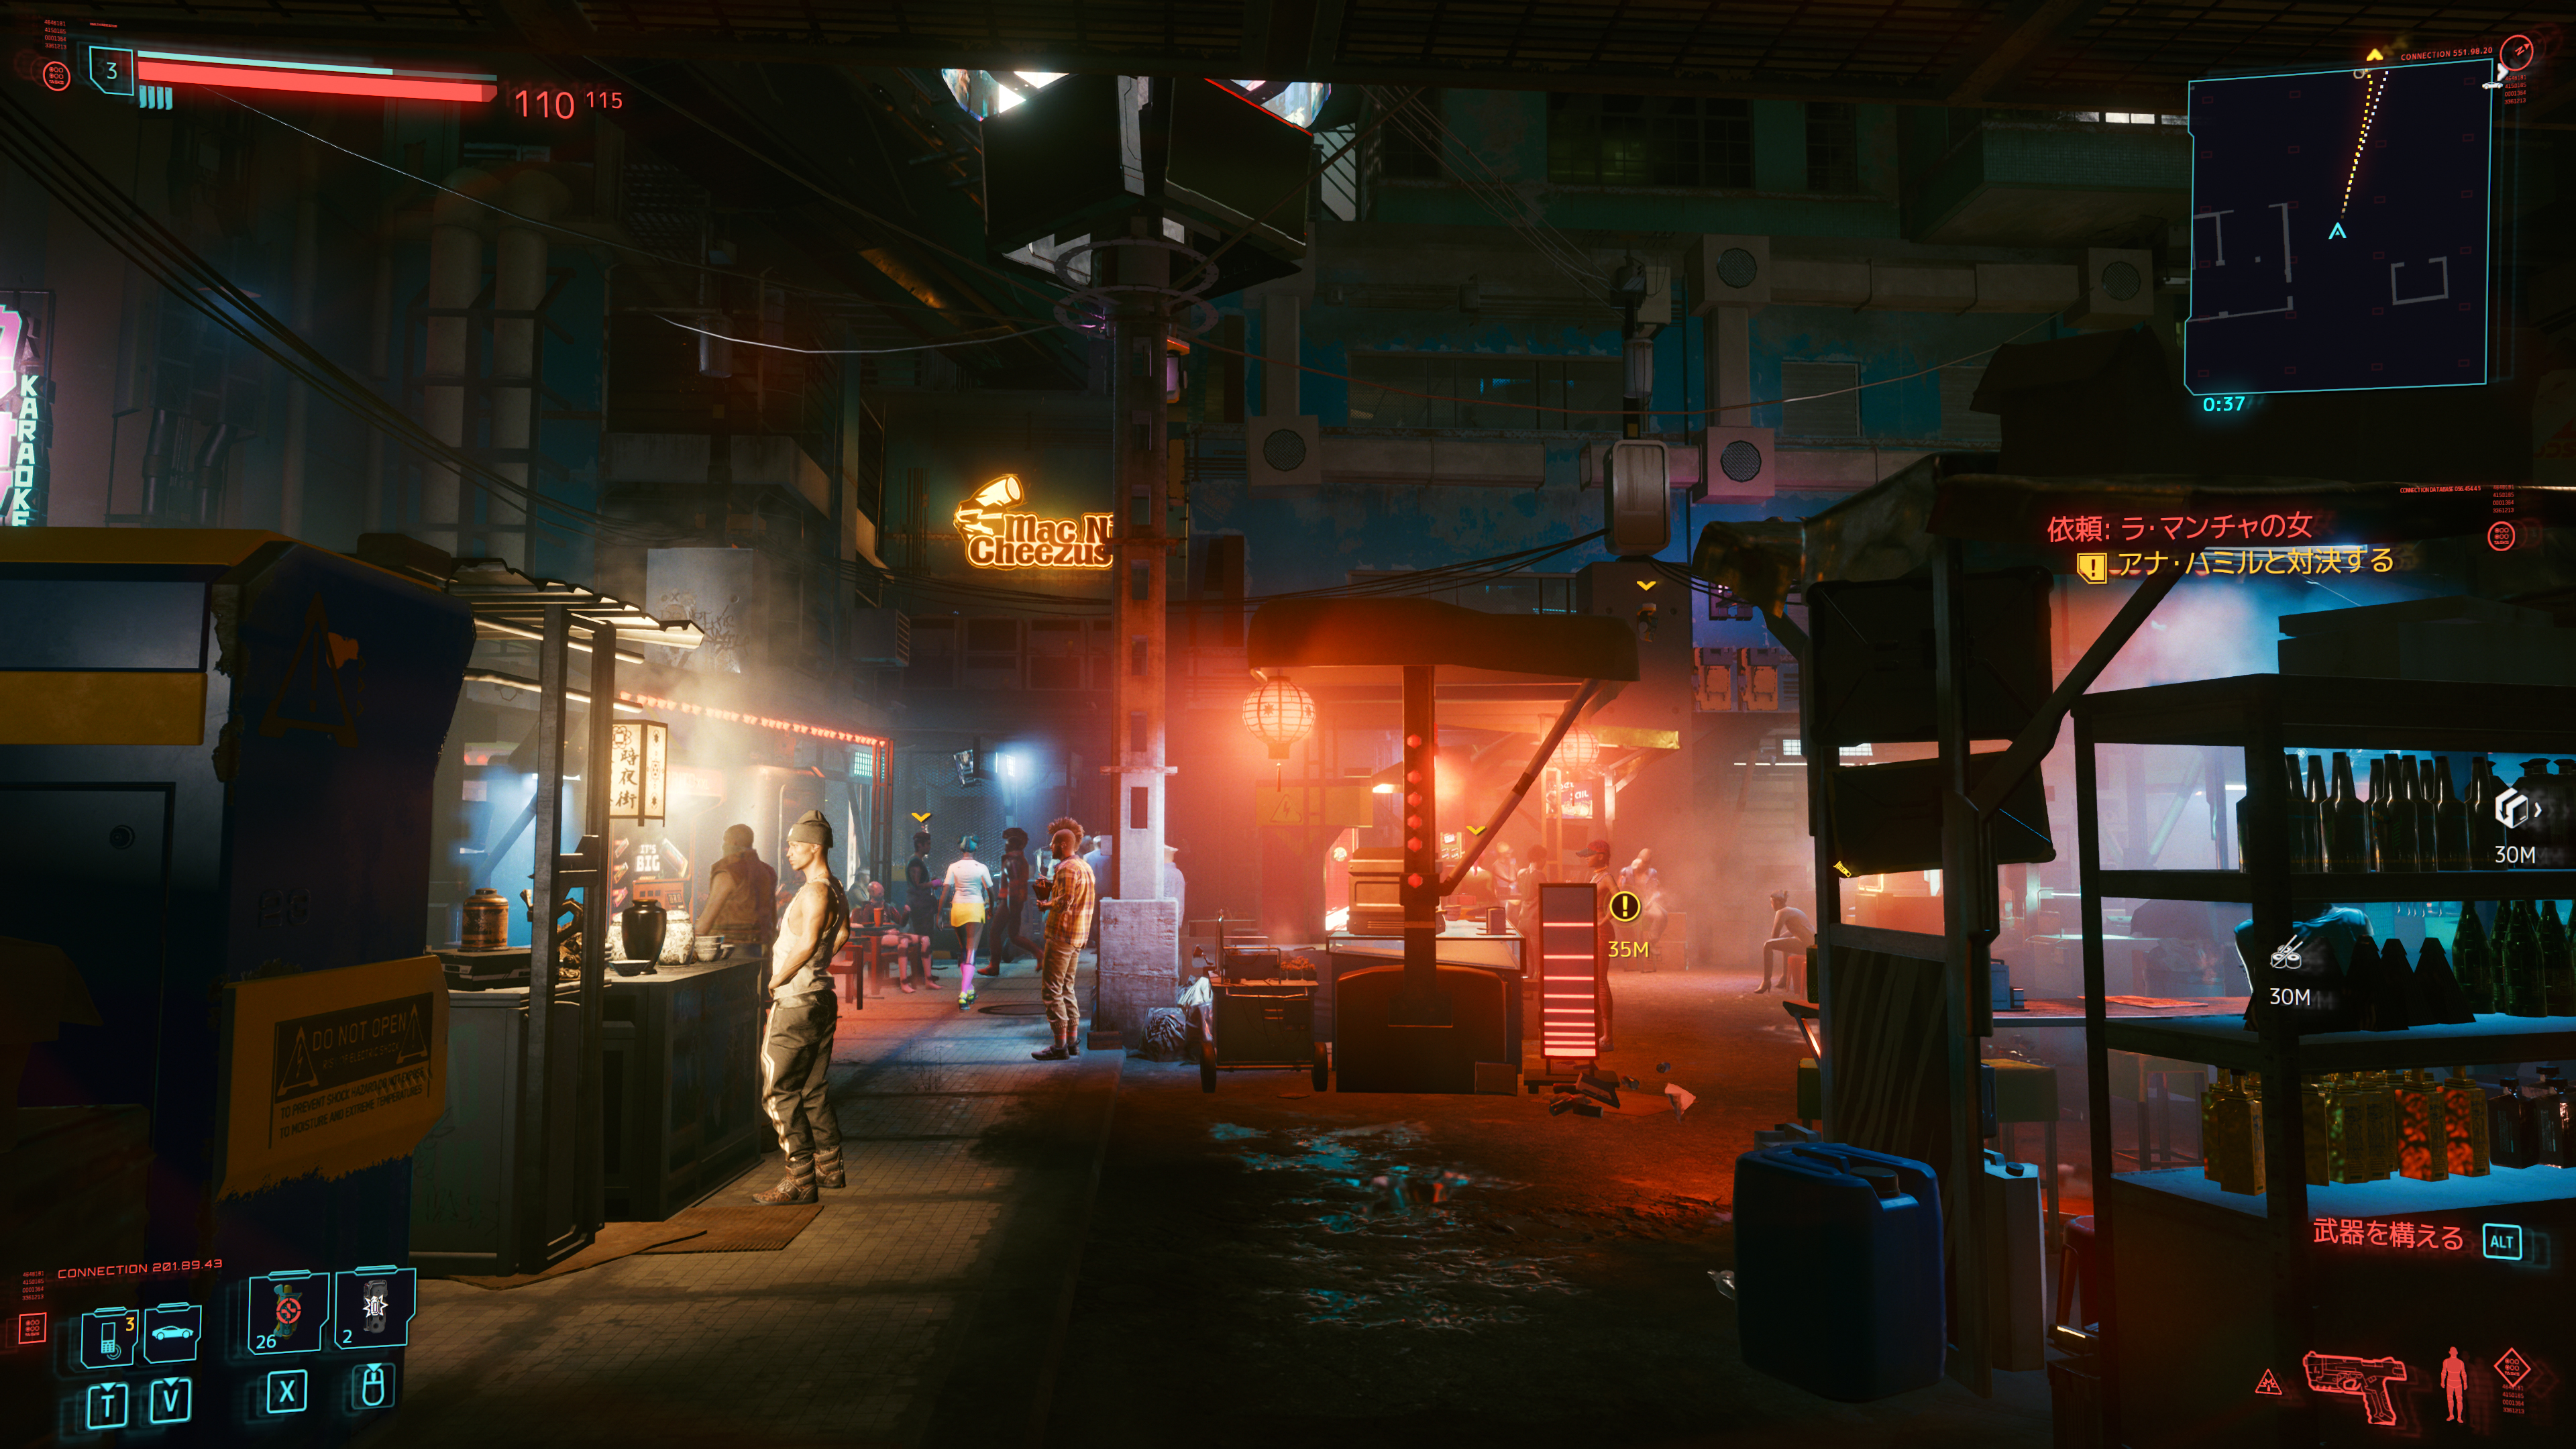 アジアの街を思わせる屋台街